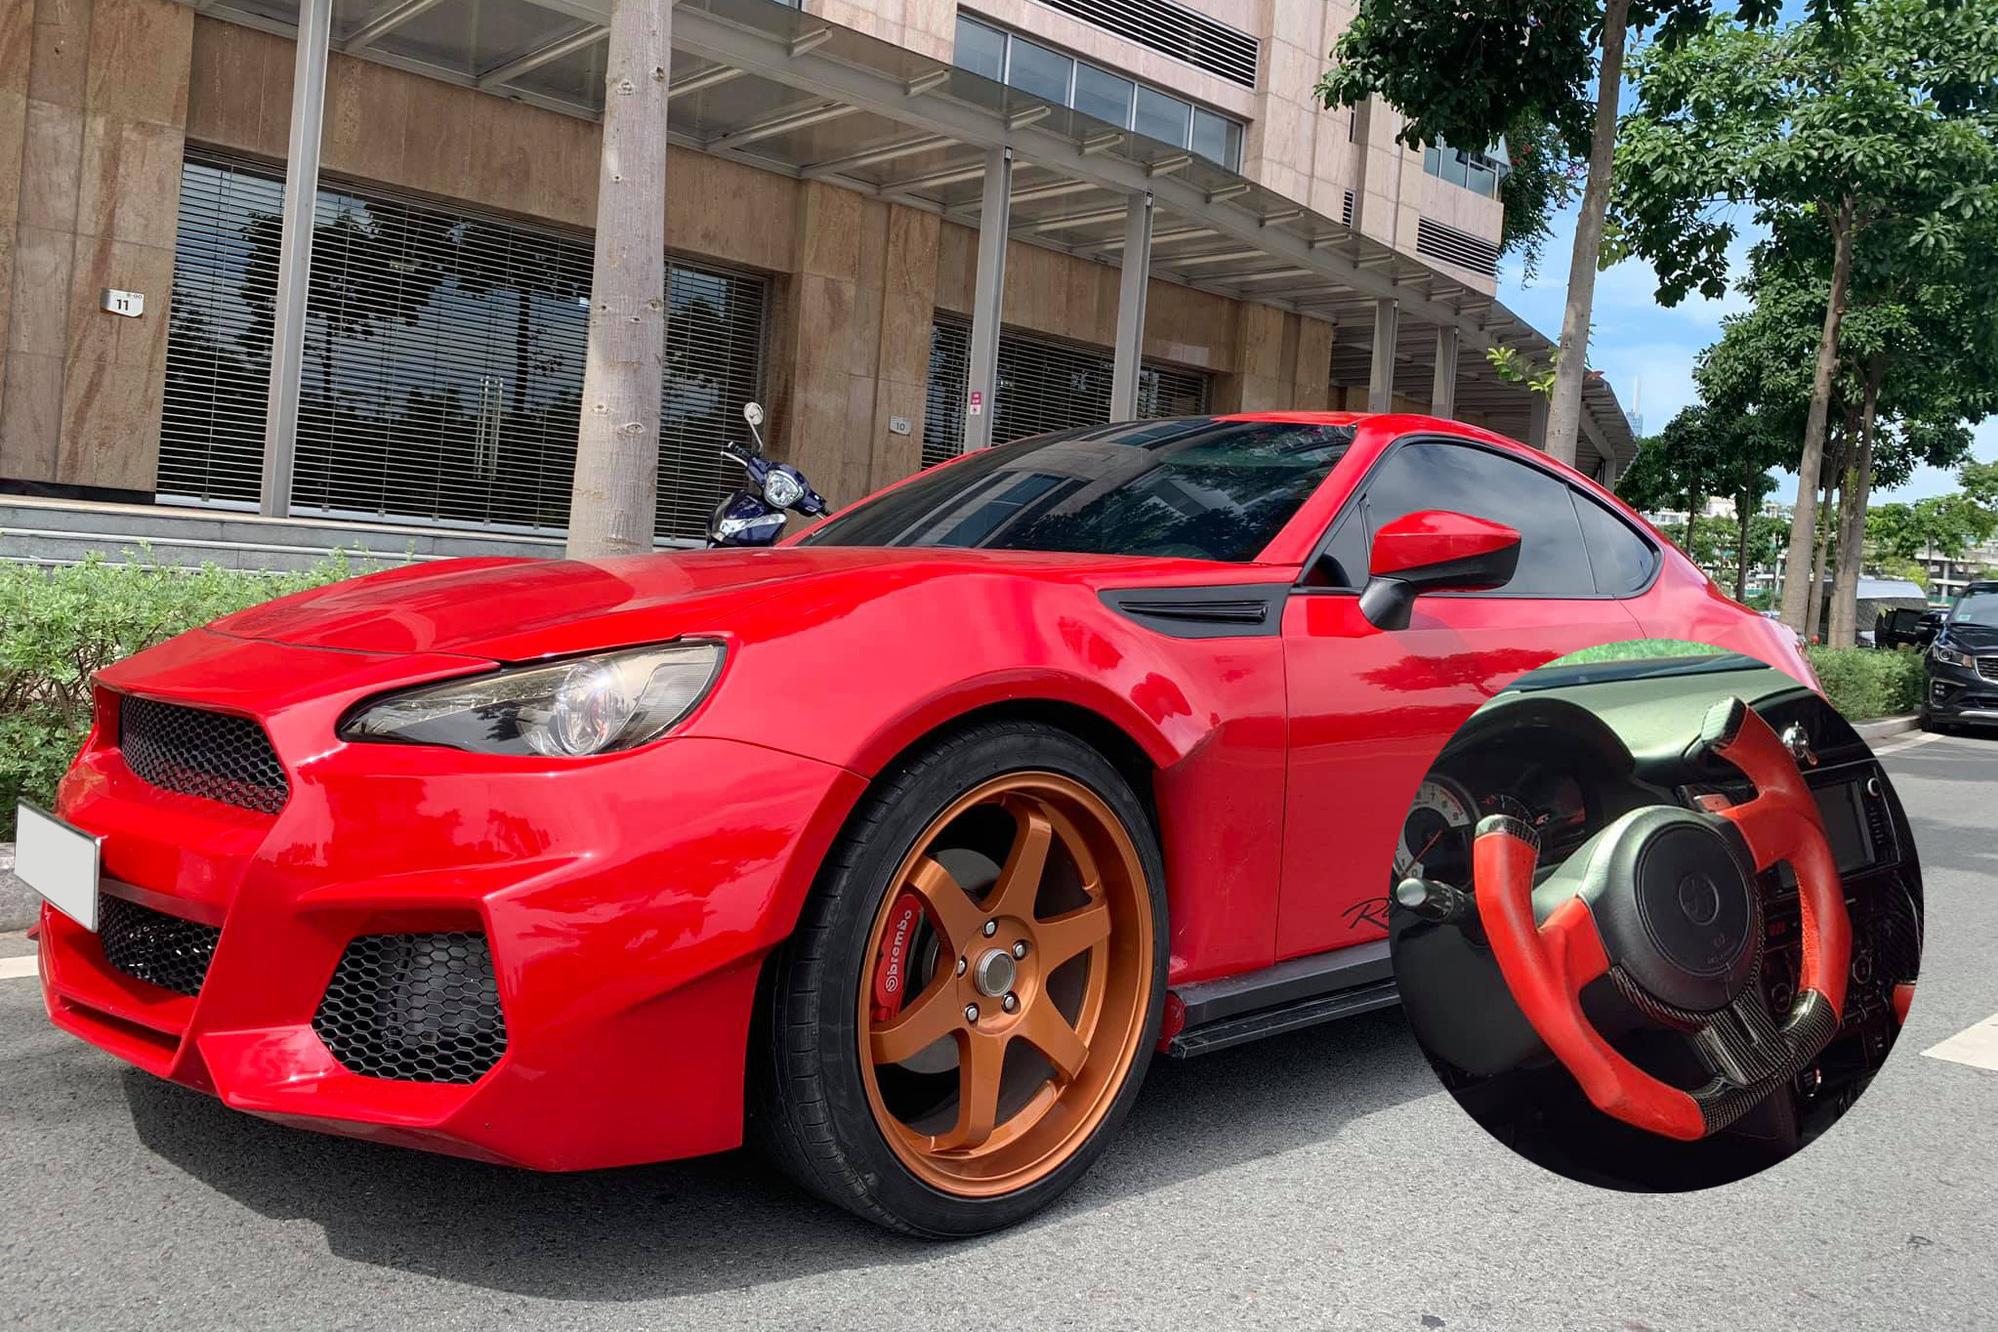 Toyota FT-86 độ khủng bán lại hơn 800 triệu: Vô-lăng 'dị' là tâm điểm bán tán của CĐM